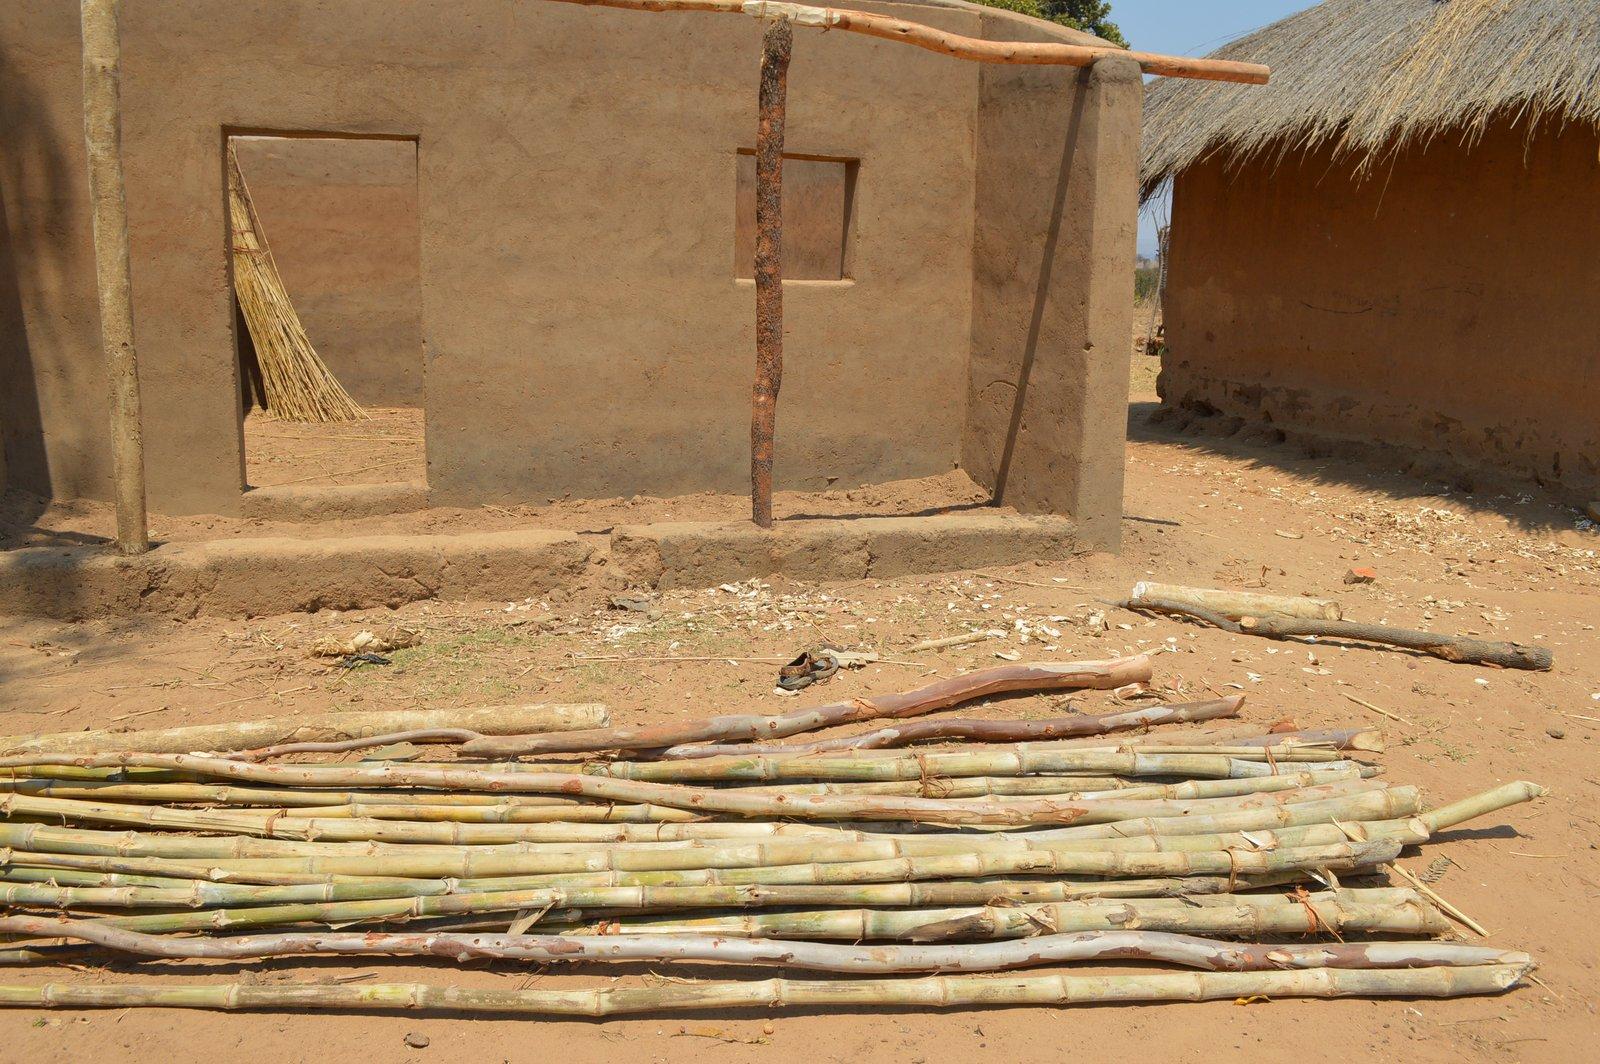 Uliwa, Kasungu (8).JPG